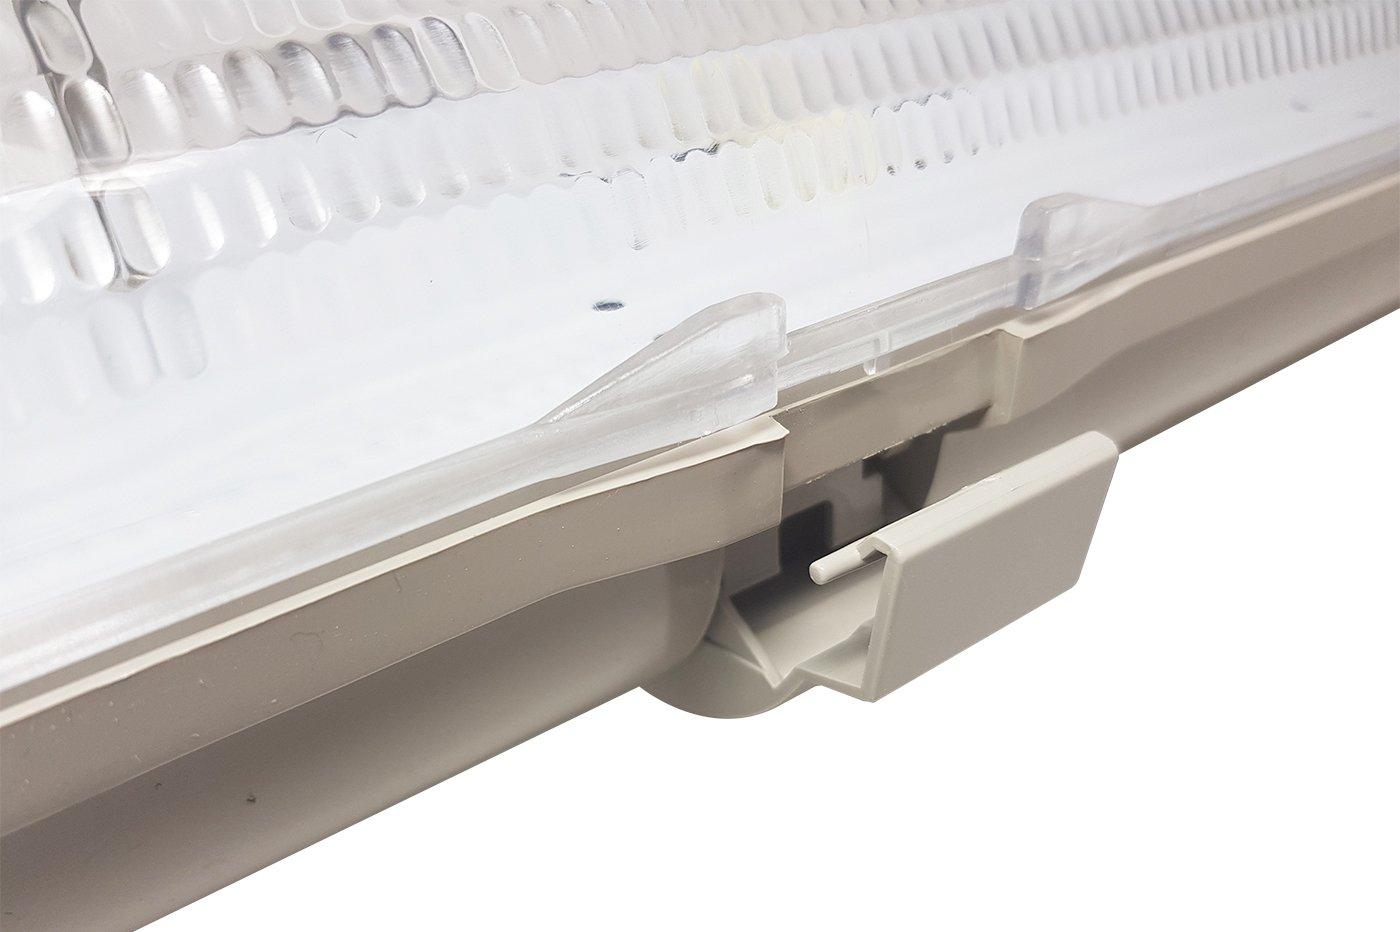 Plafoniera Neon Led Da Esterno : Plafoniera led stagna attacco doppio tubo neon t cm esterno